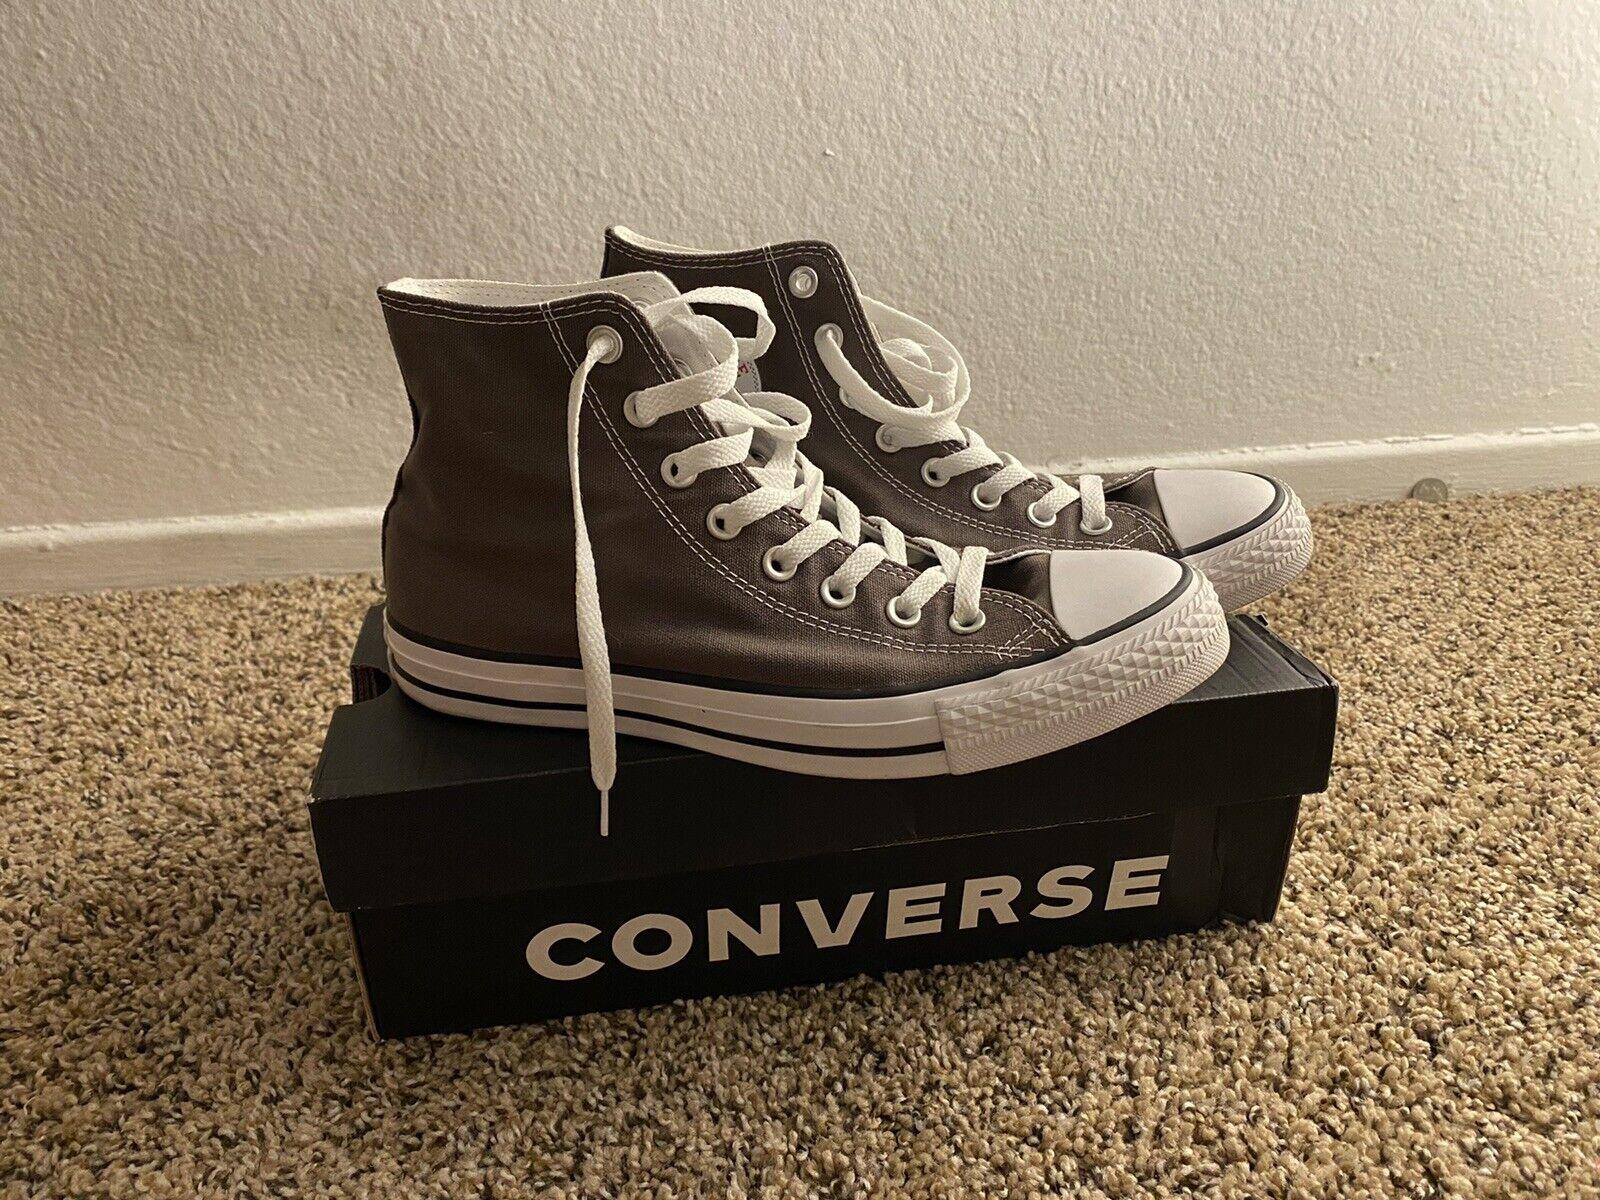 Converse All Star Chuck Taylor Hi Tops